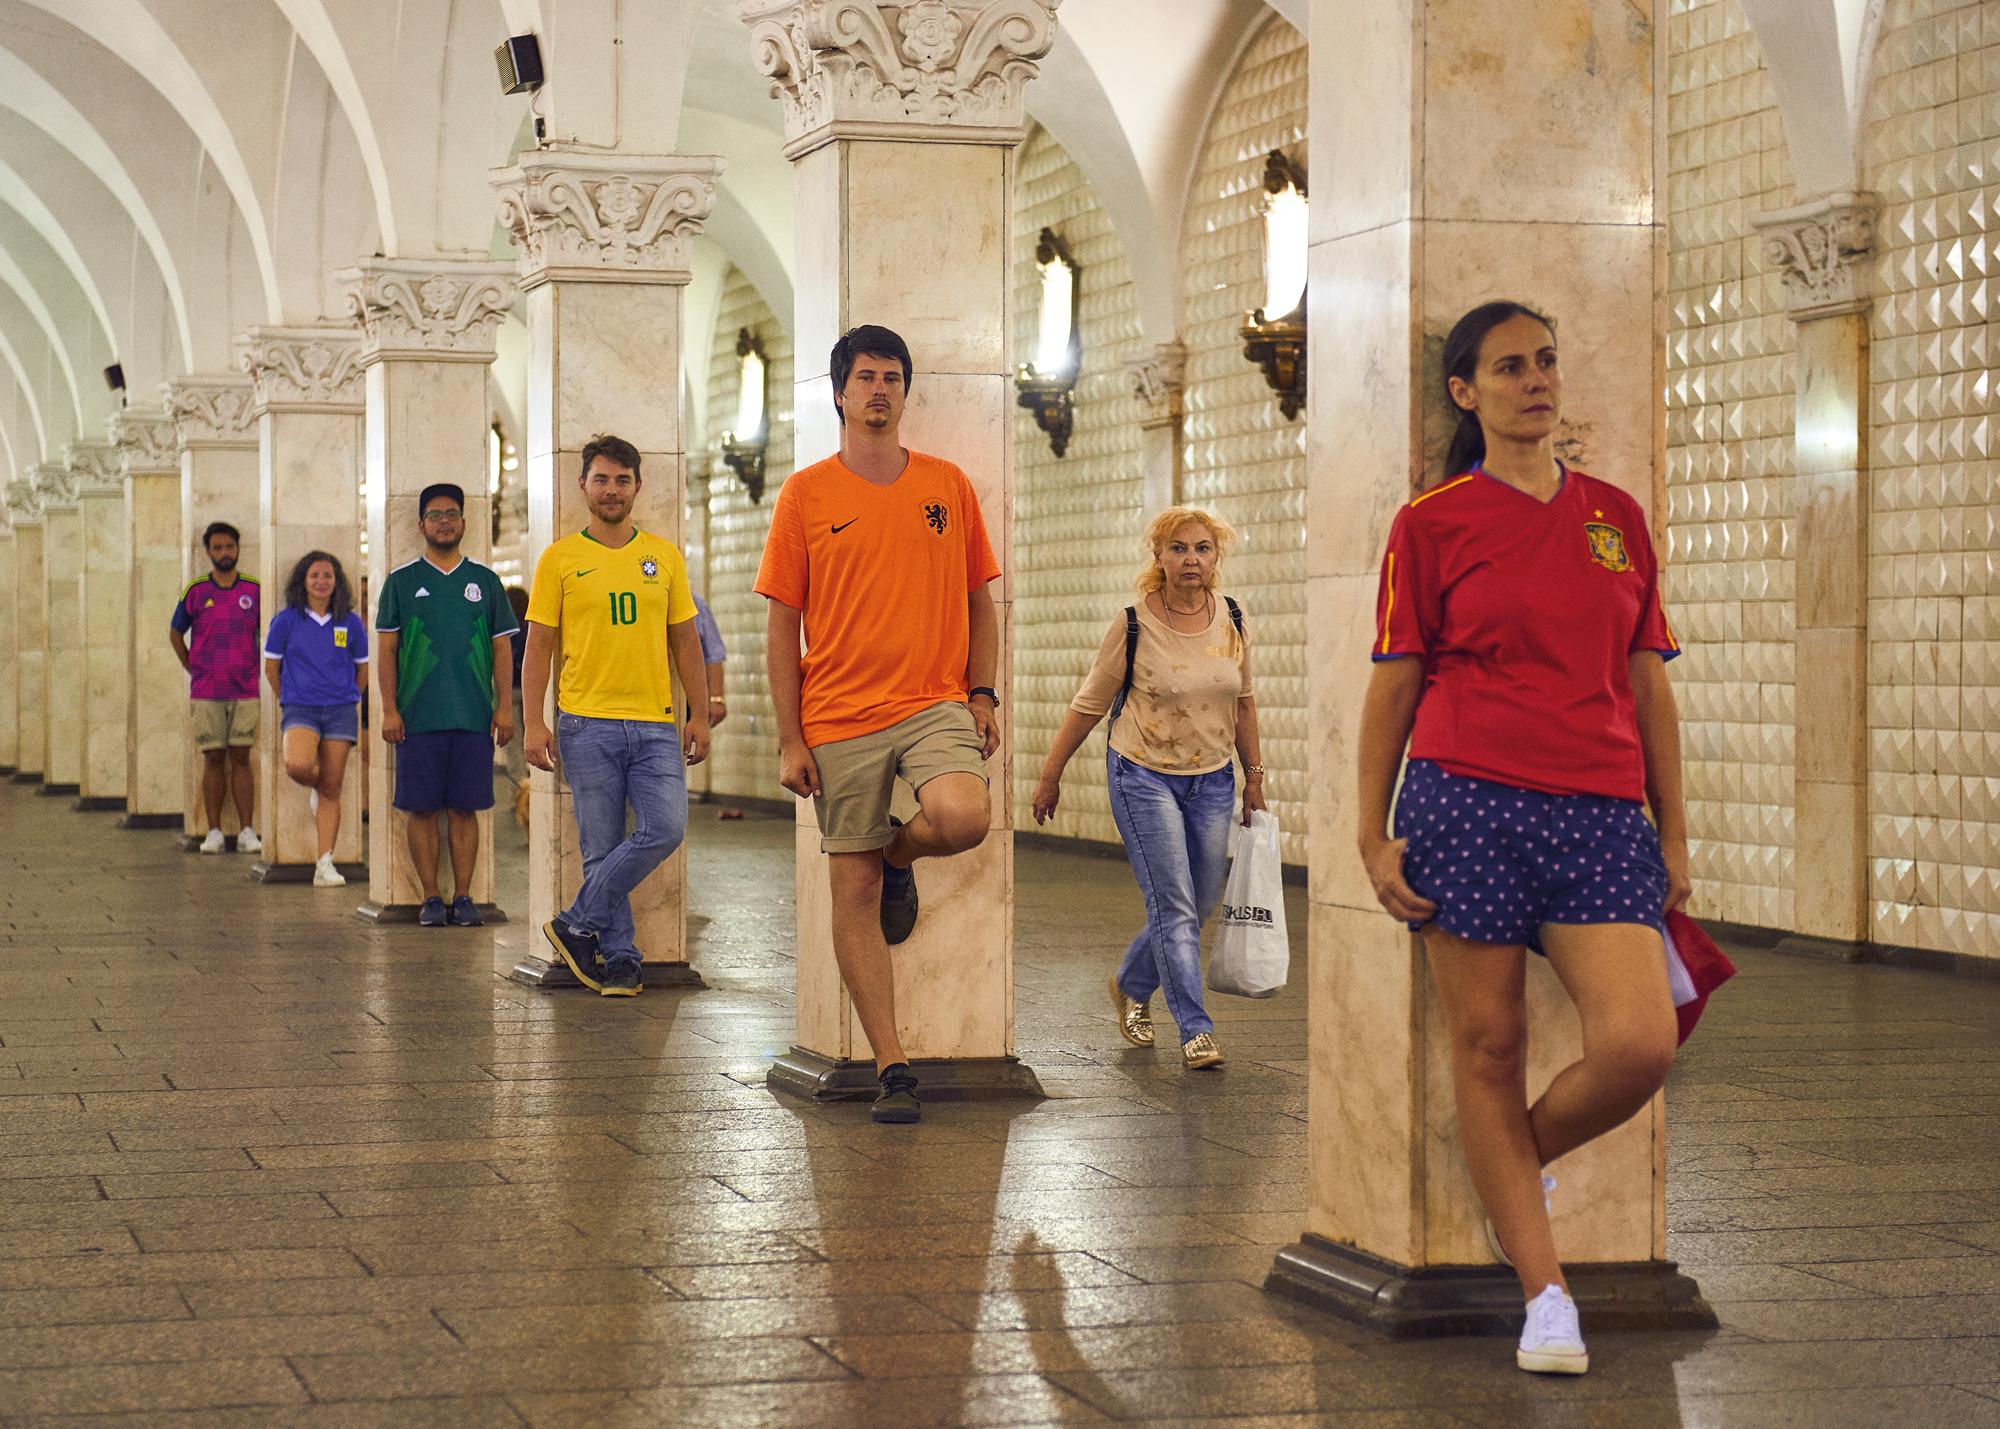 En Russie, ils imitent le drapeau LGBTQ avec leurs maillots de foot